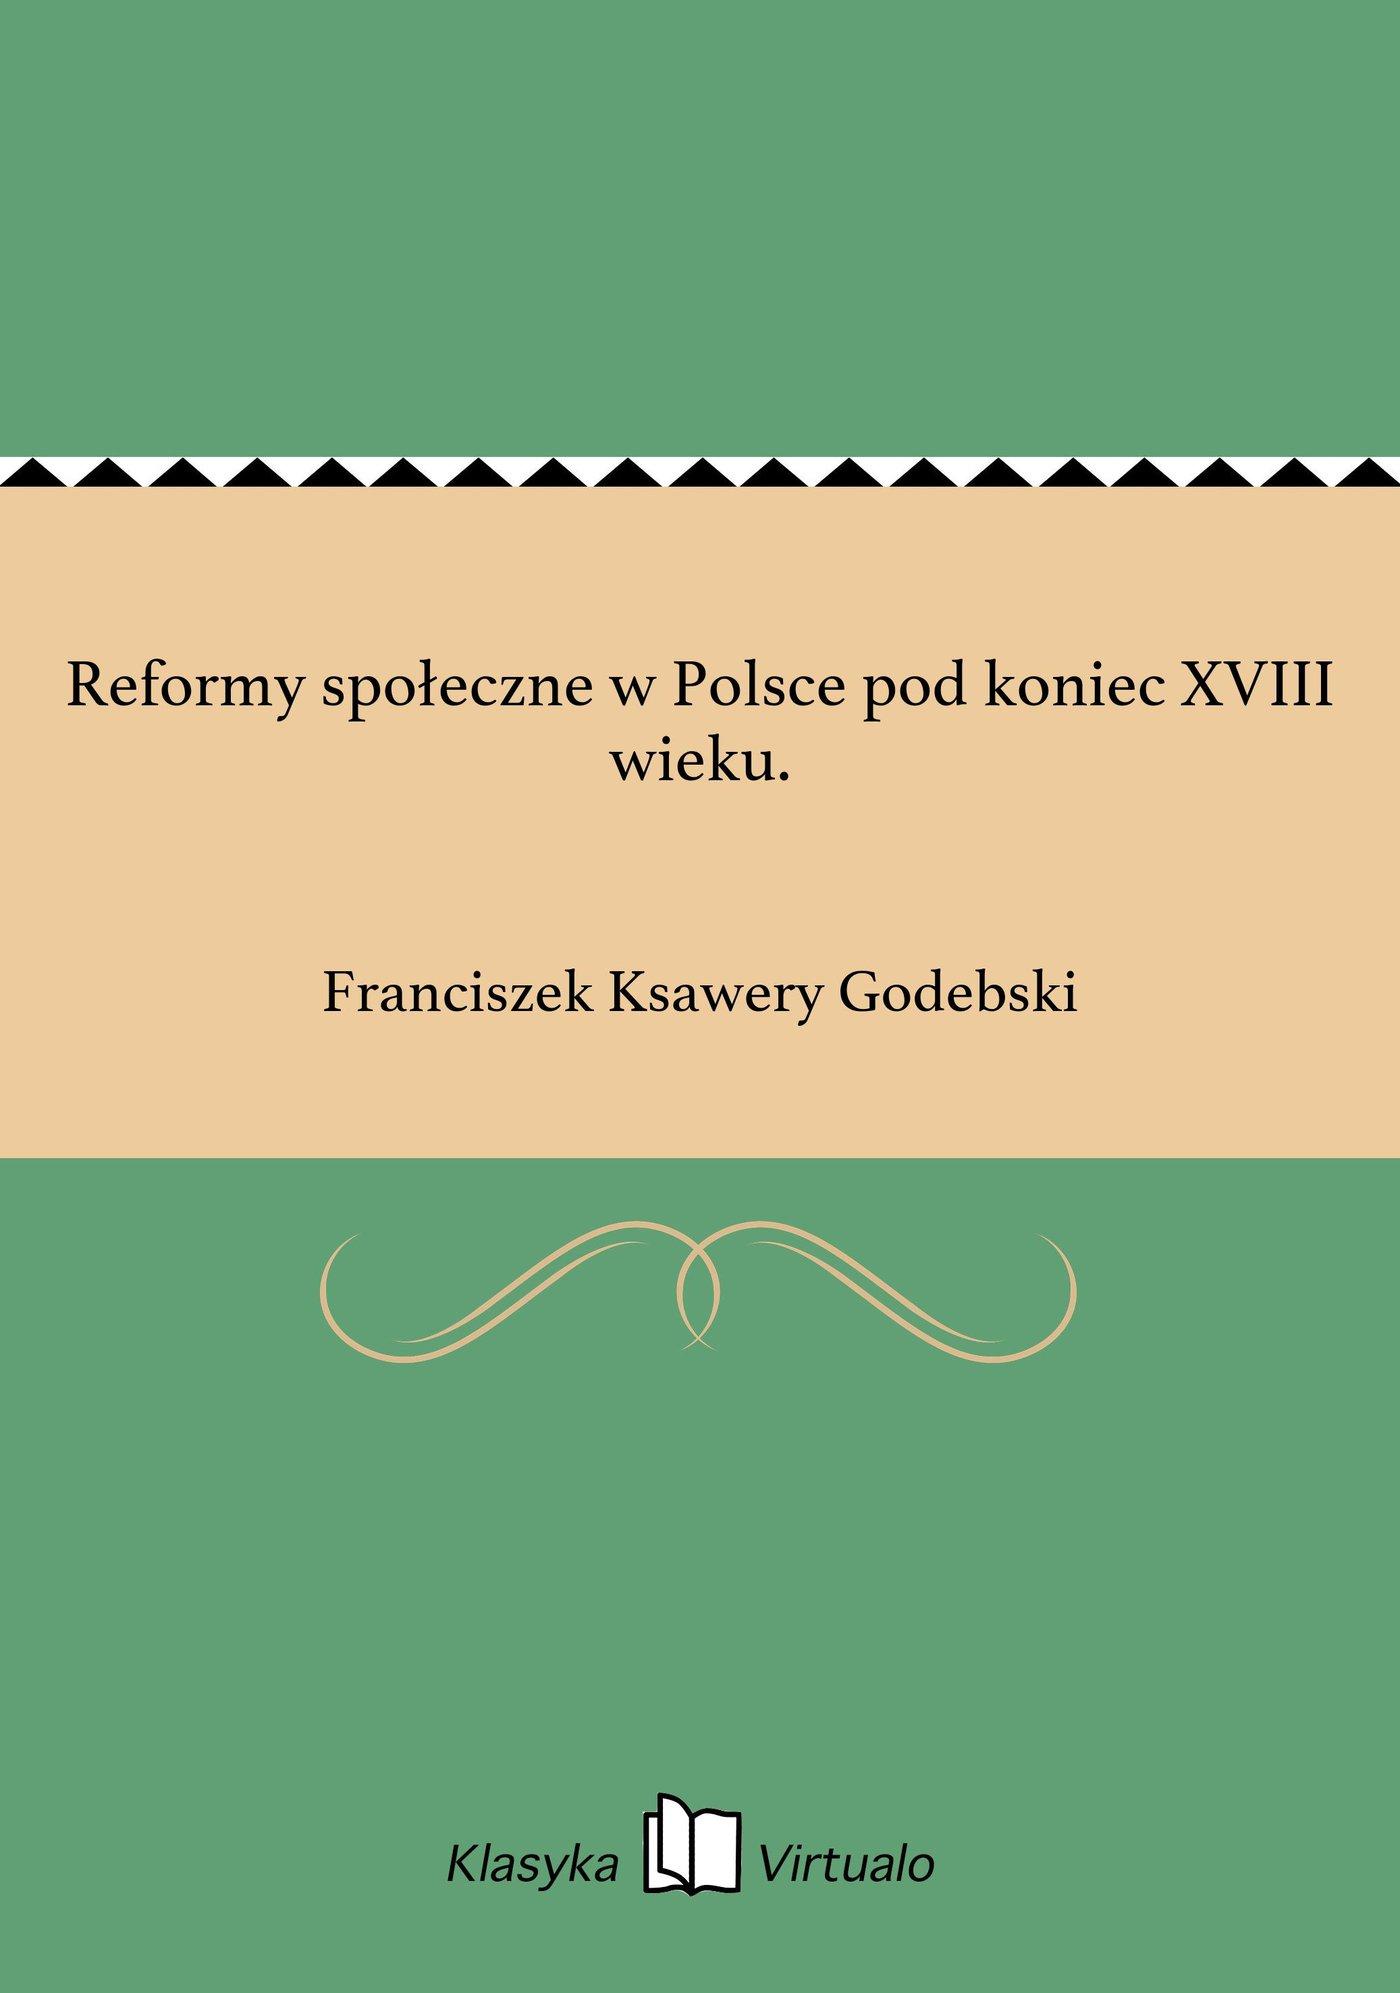 Reformy społeczne w Polsce pod koniec XVIII wieku. - Ebook (Książka EPUB) do pobrania w formacie EPUB